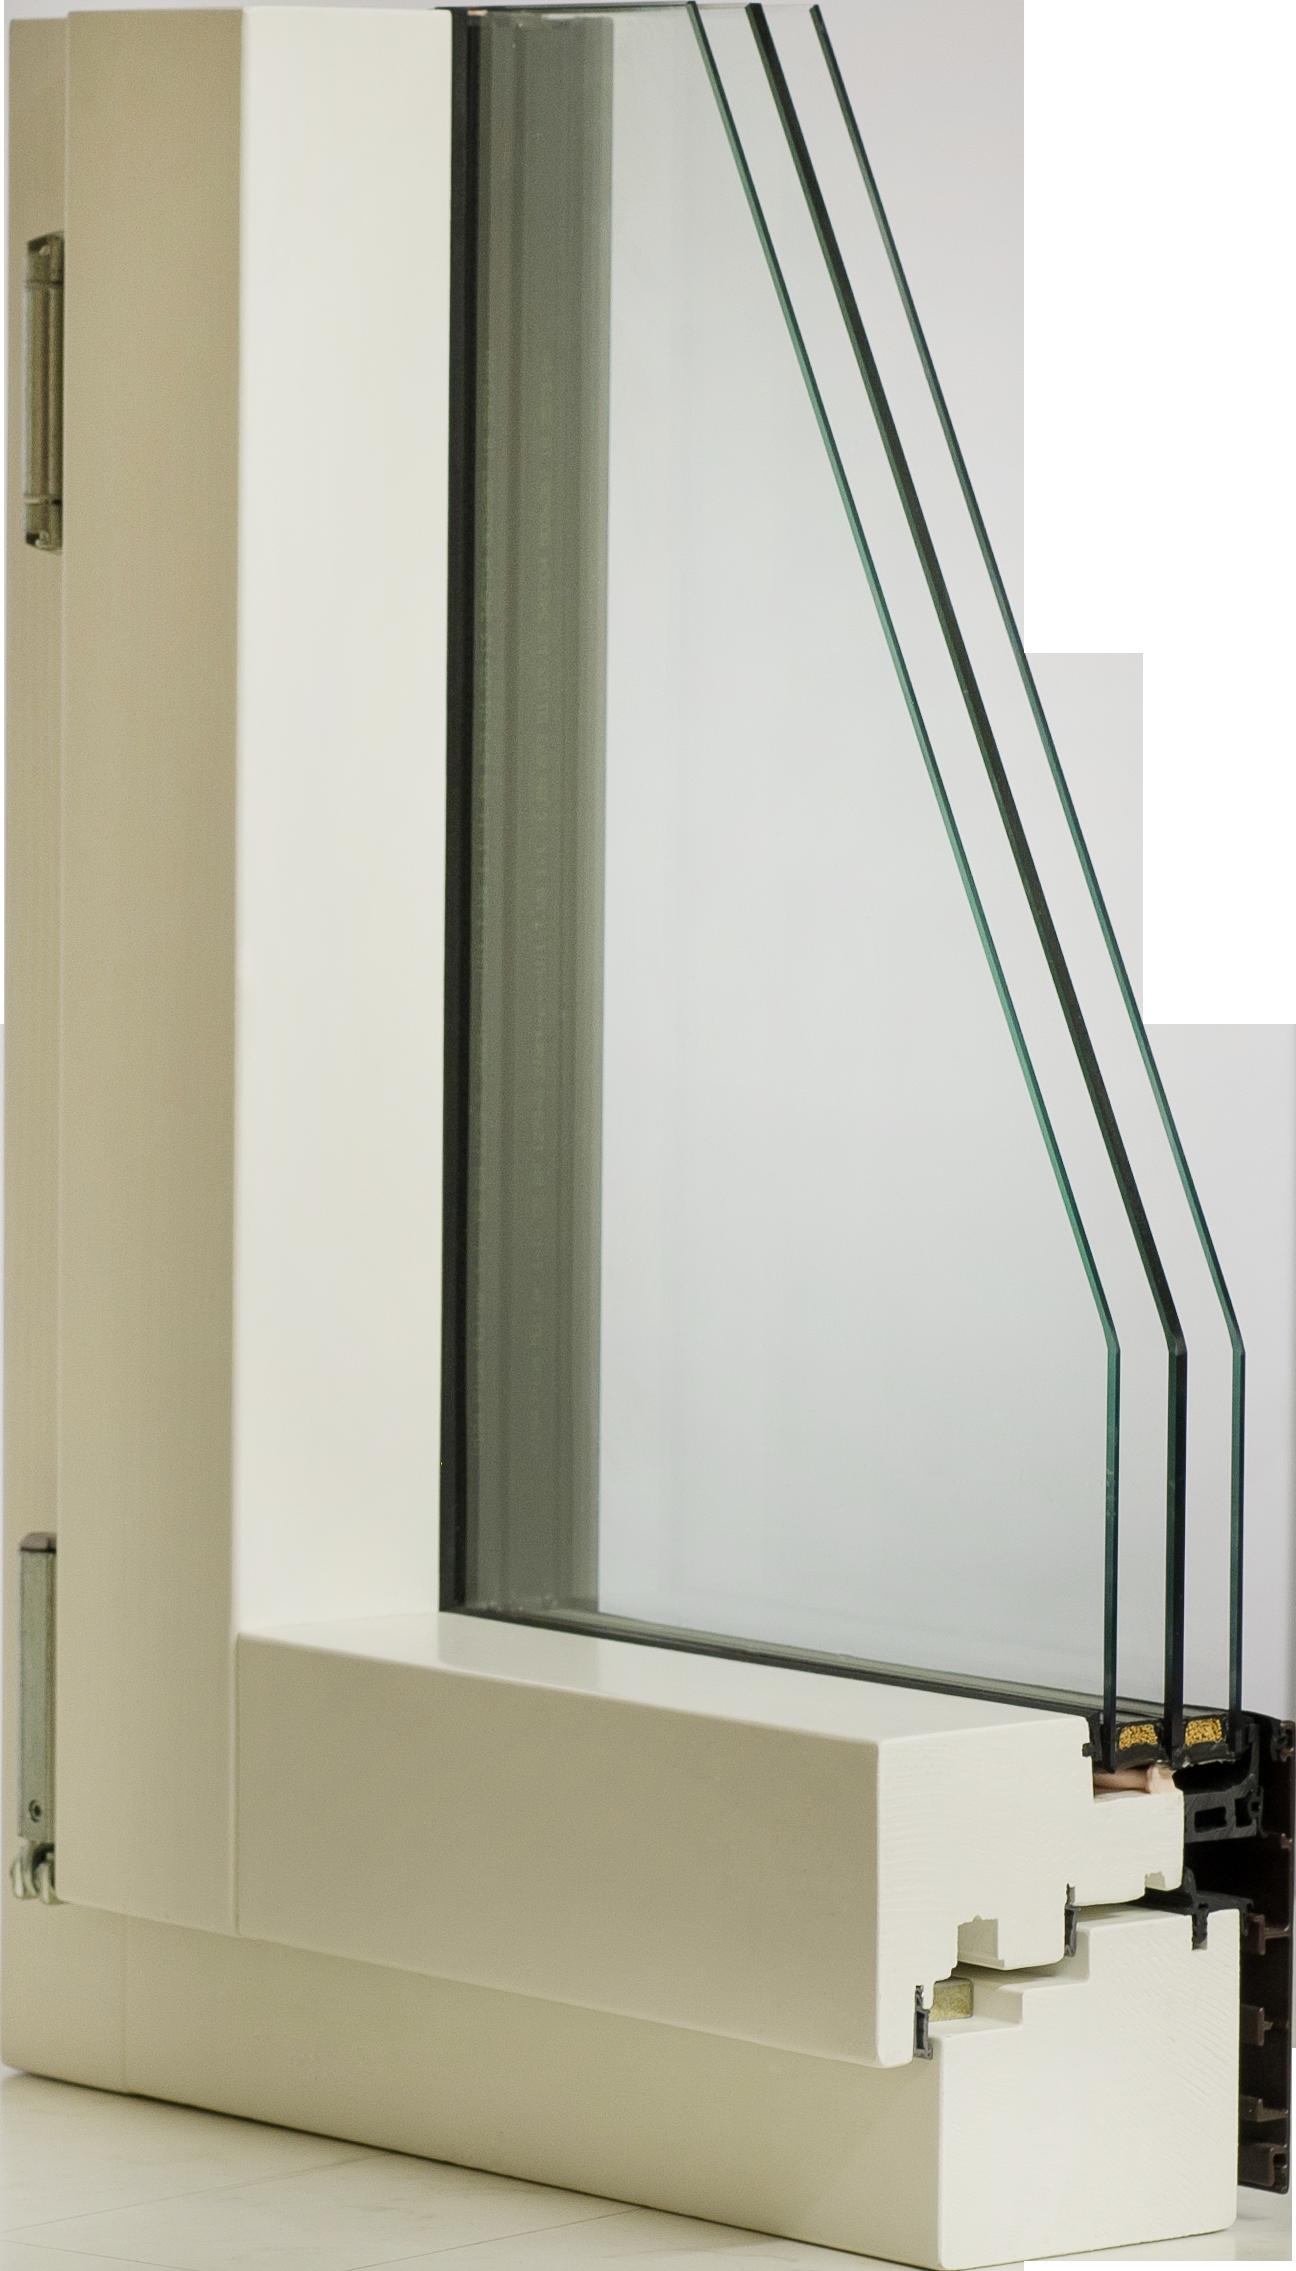 Holz Alu Fenster Mit 3 Fach Verglasung Ohne Rahmen